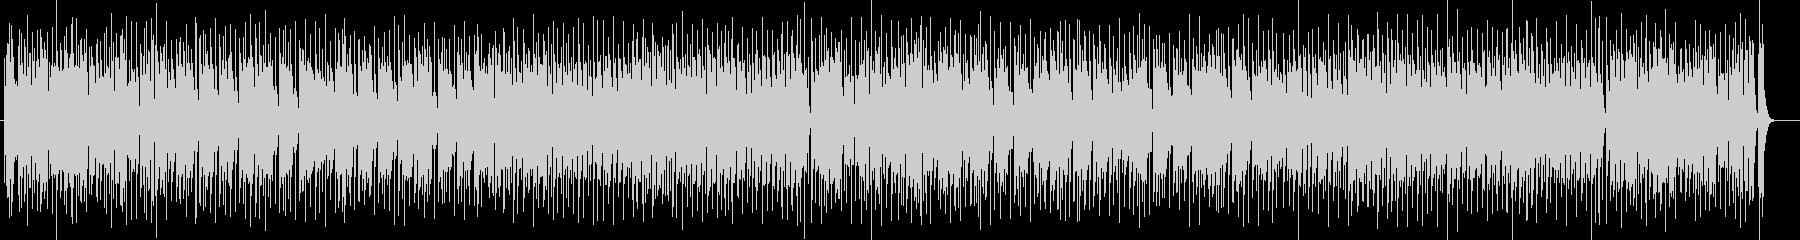 爽快感のあるドラムシンセサイザー系曲の未再生の波形